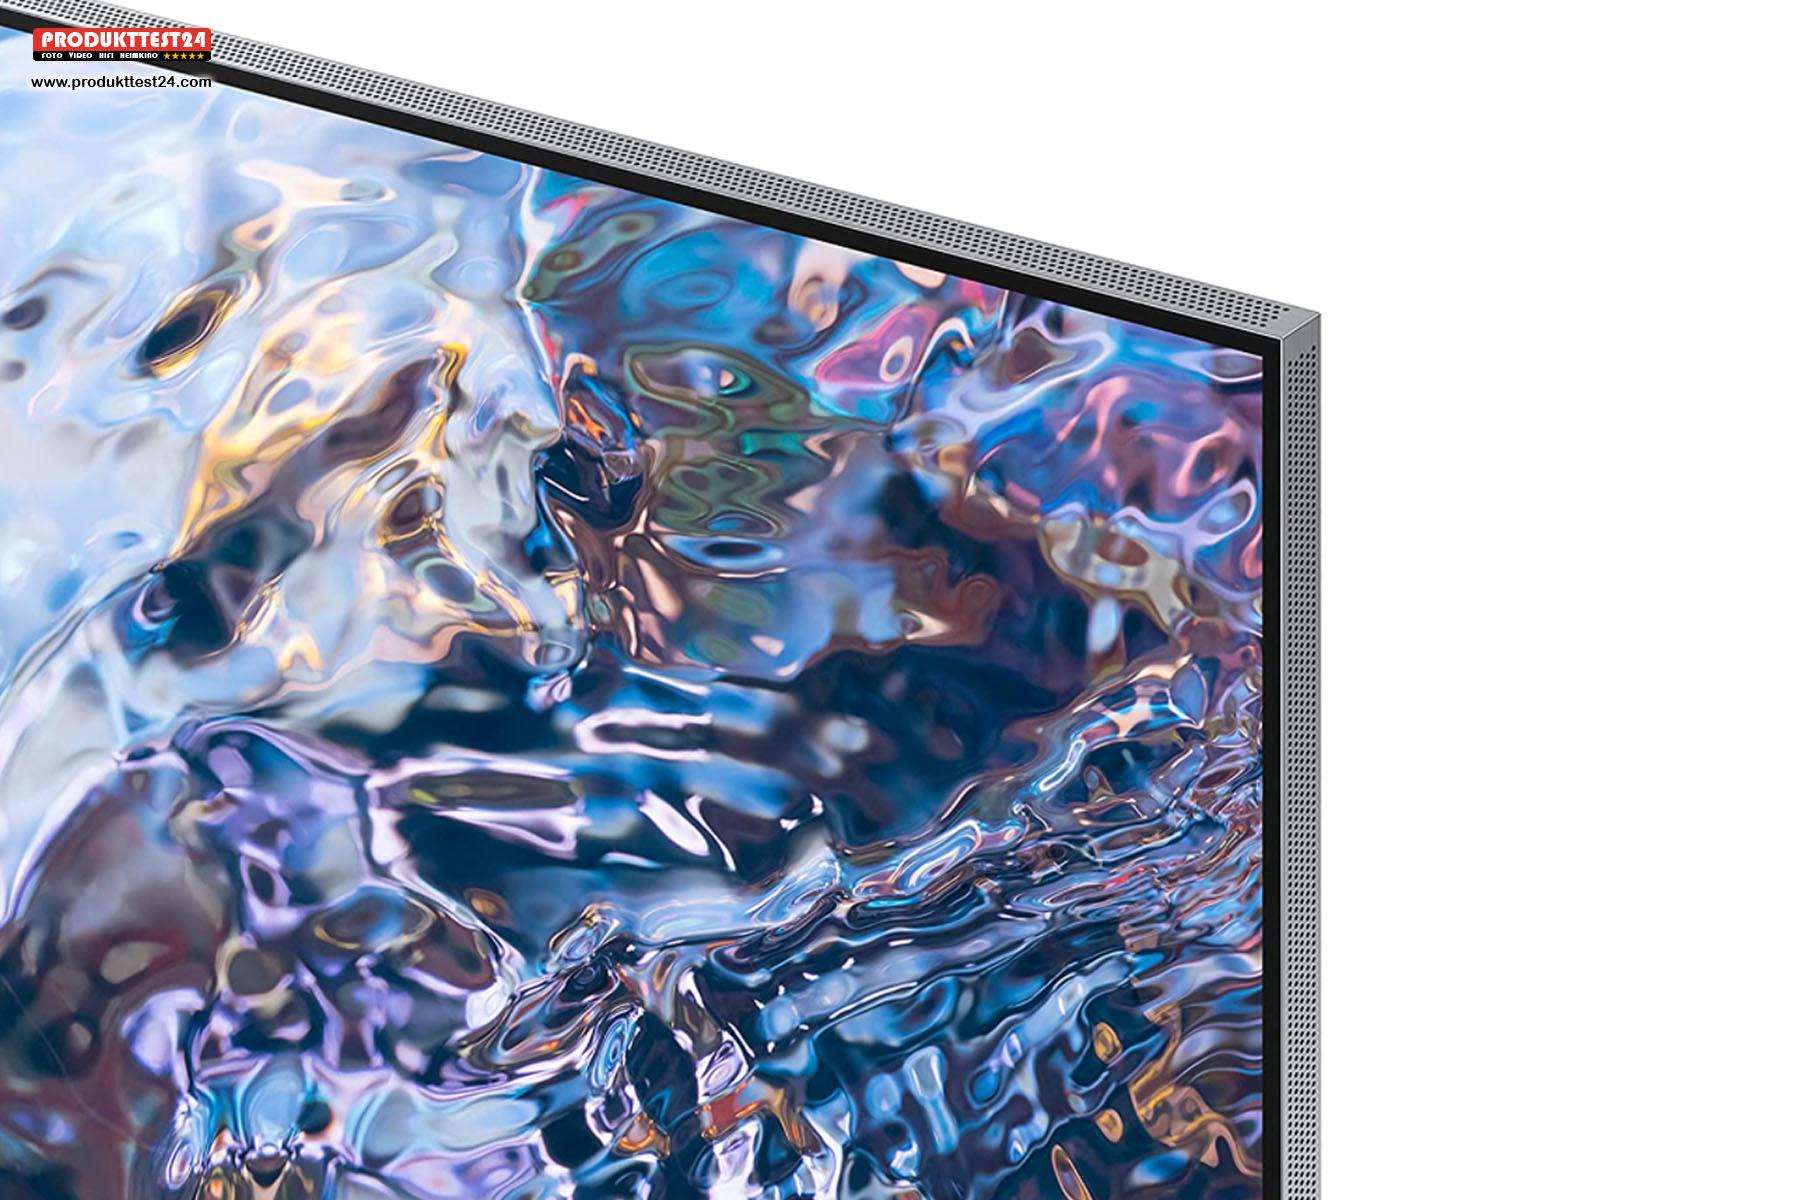 Der Samsung GQ75QN700A ist extrem dünn. Nur 18mm misst das Gehäuse in der Tiefe.